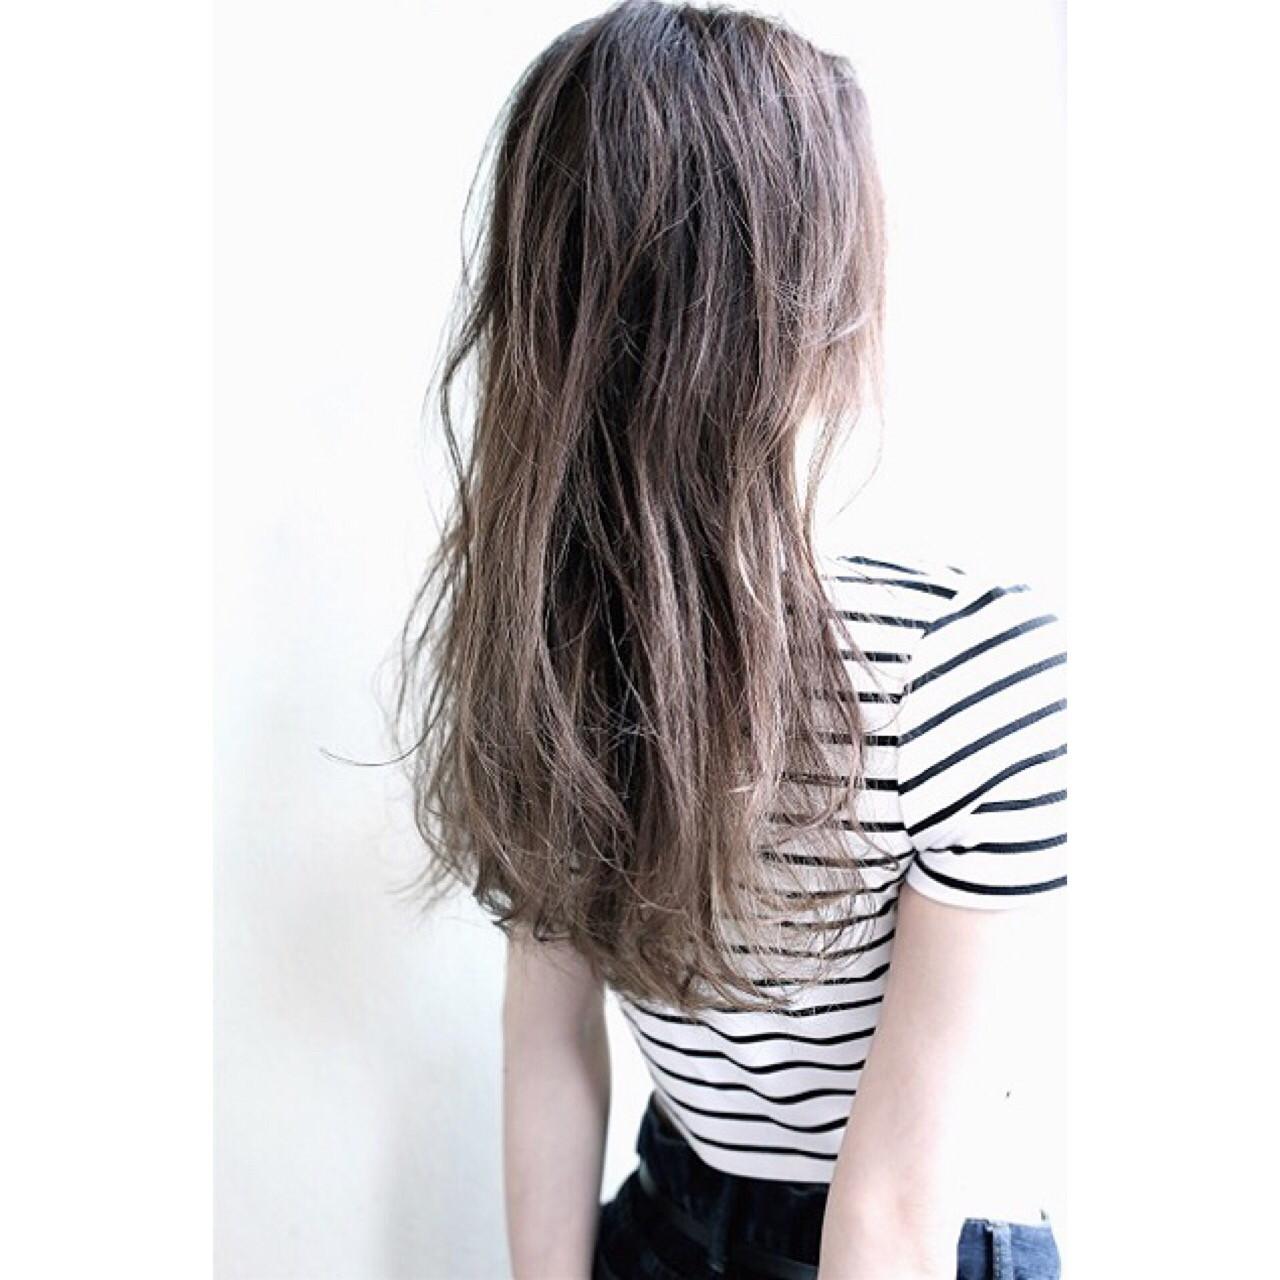 大注目の暗髪×グラデーションまとめ♡ポイントは毛先とハイライト 長谷川 裕起